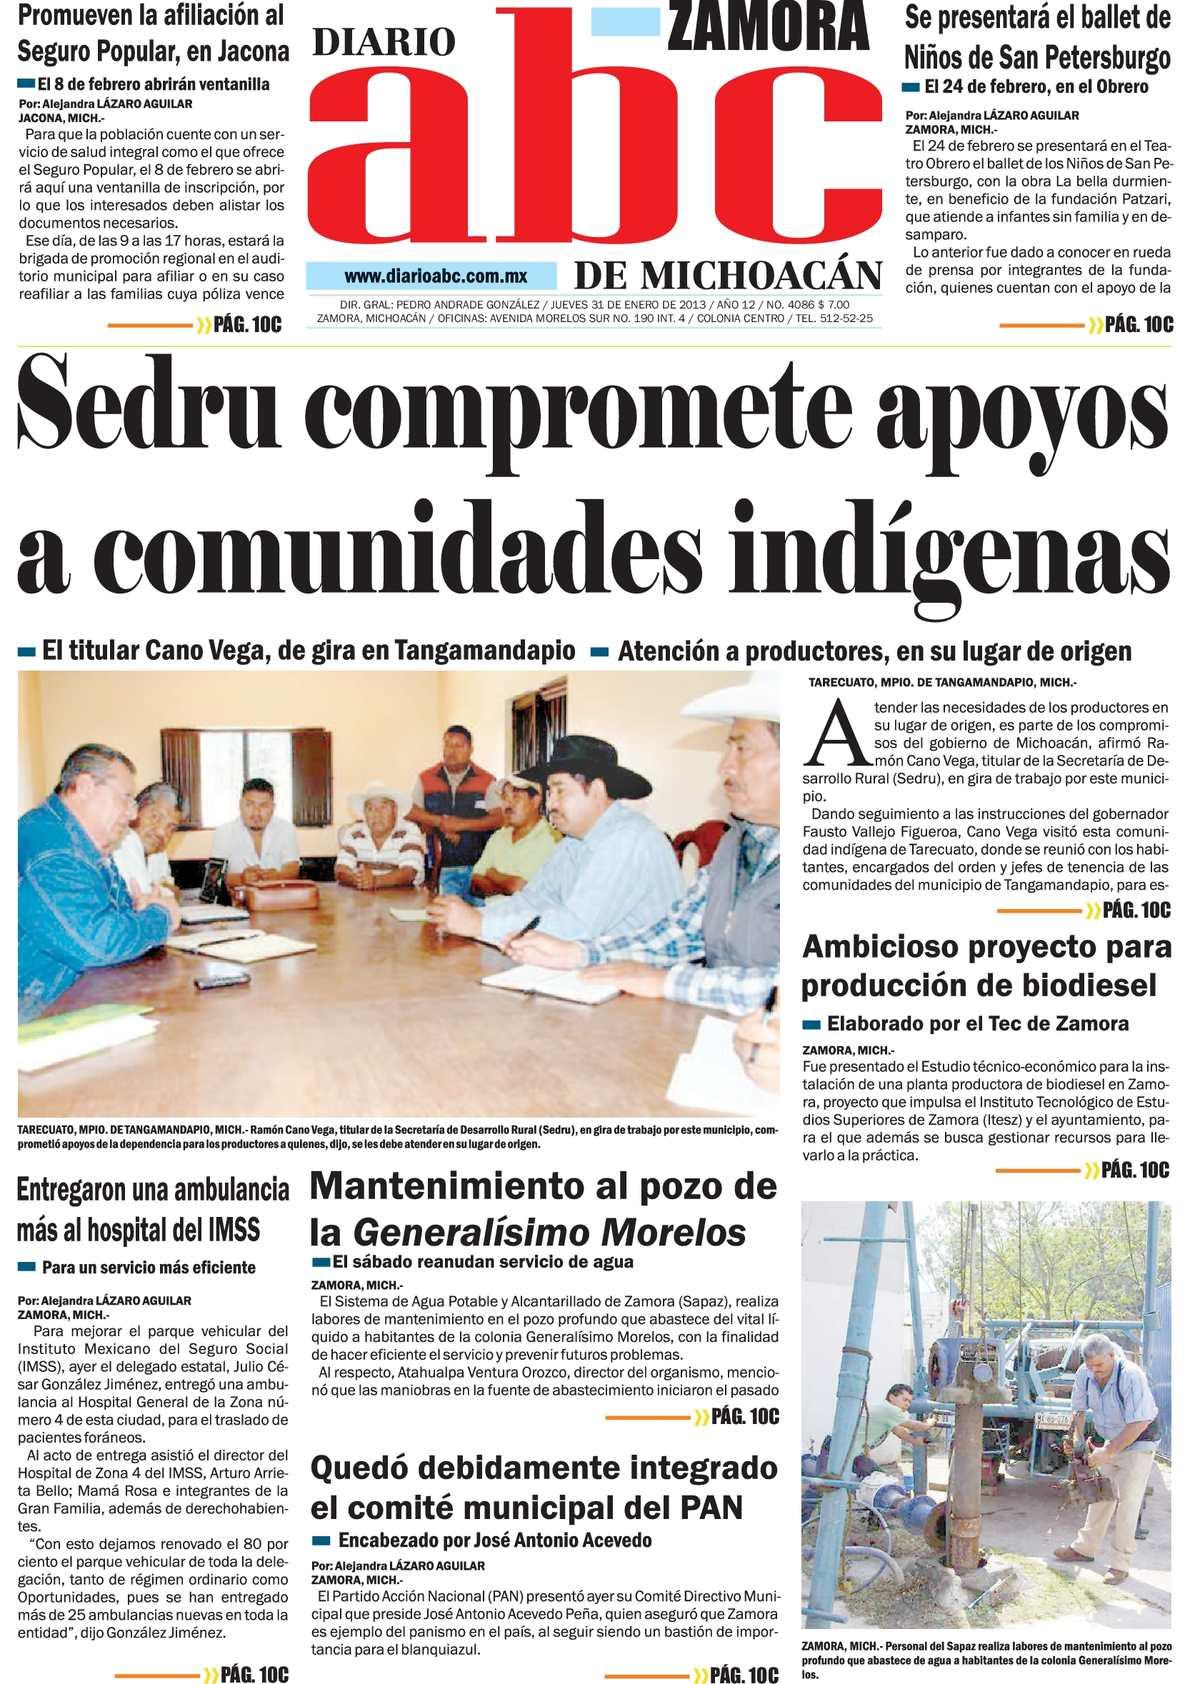 Calaméo - 2013-01-31ZAMORA